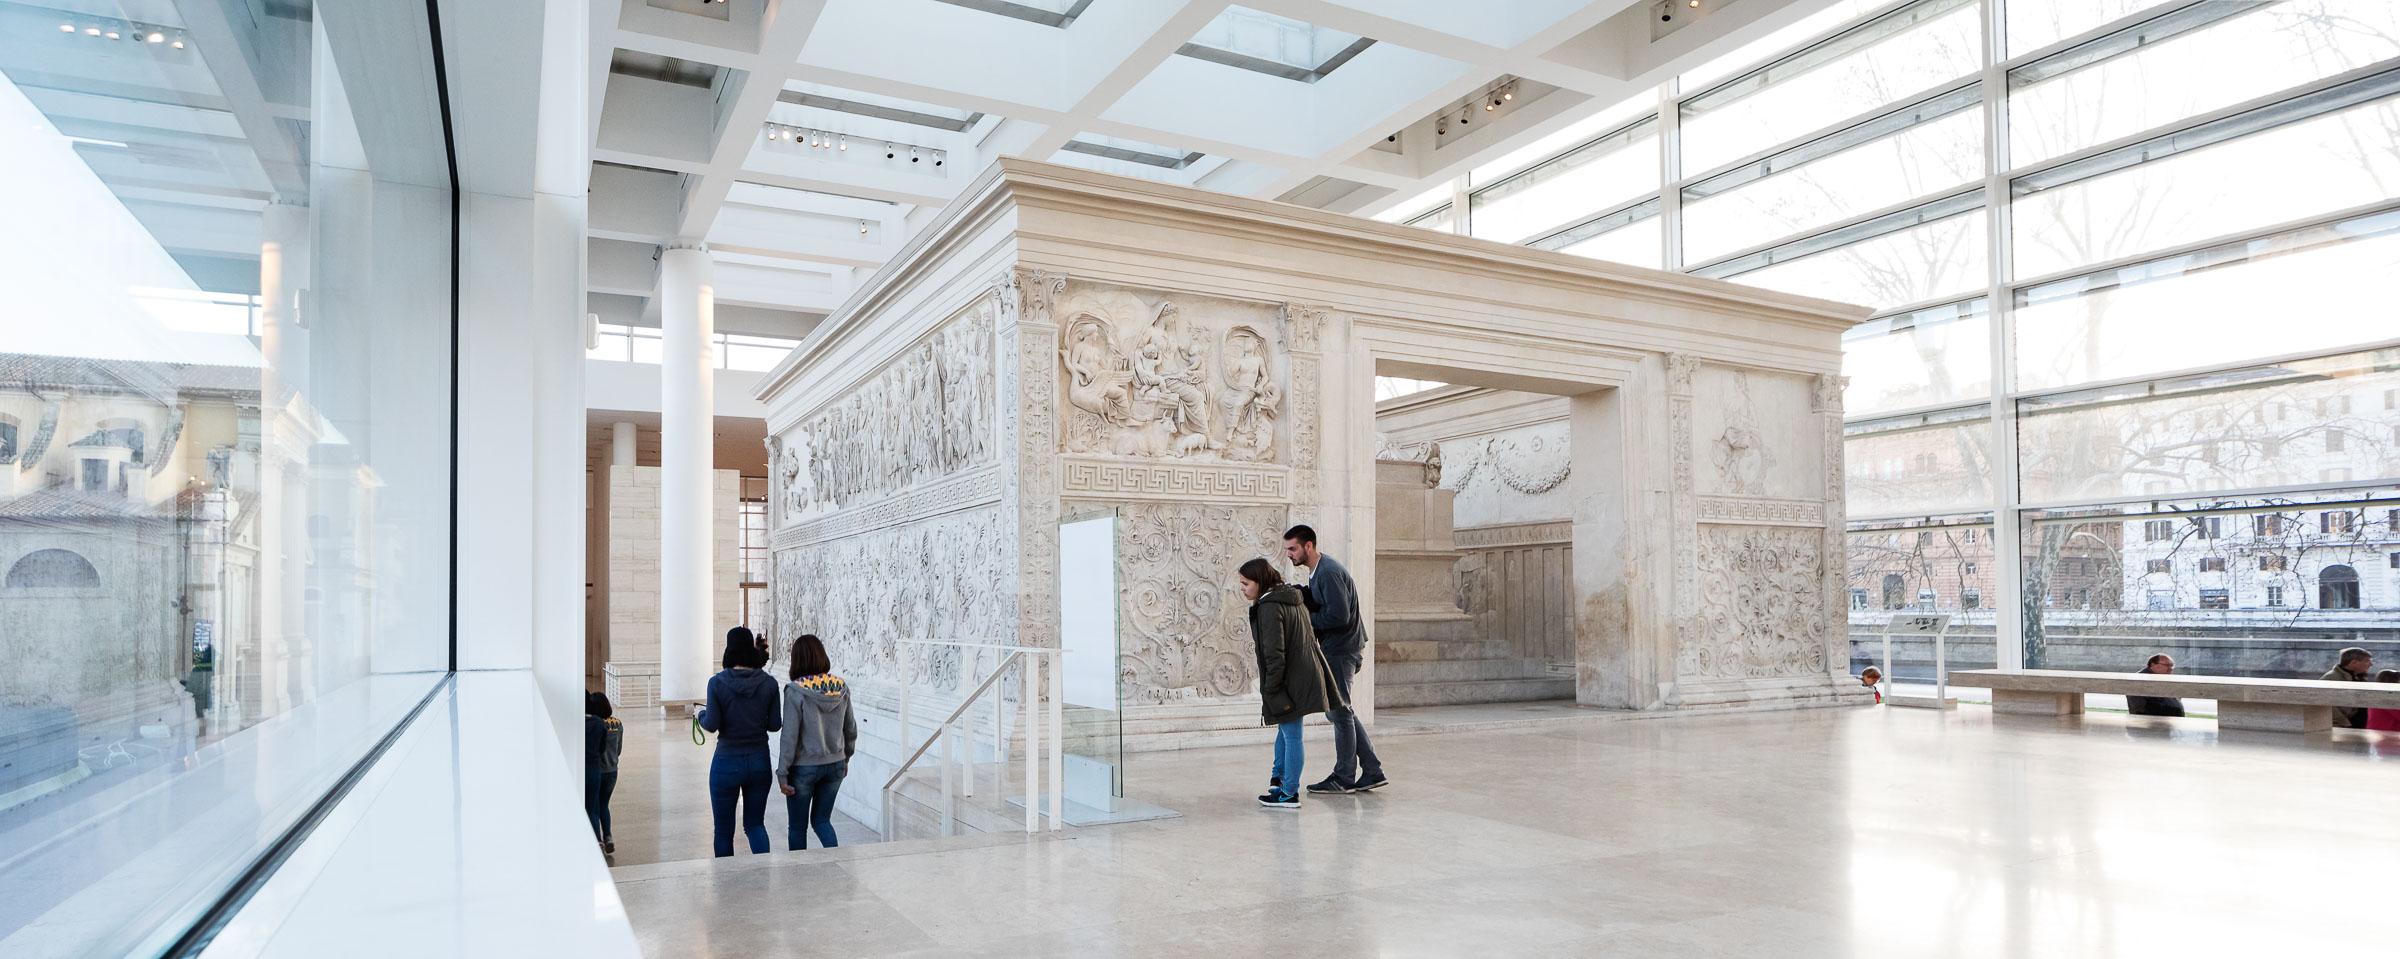 170313 Italy Rome 651-Pano.jpg